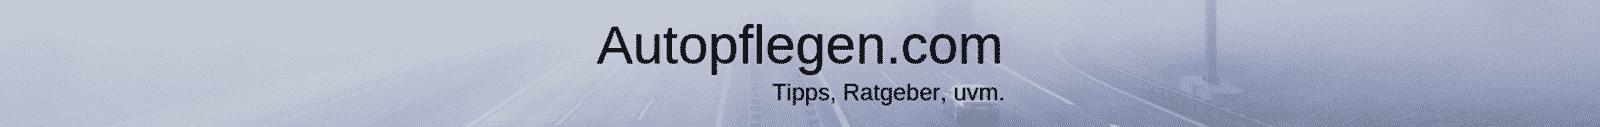 Autopflegen.com Logo